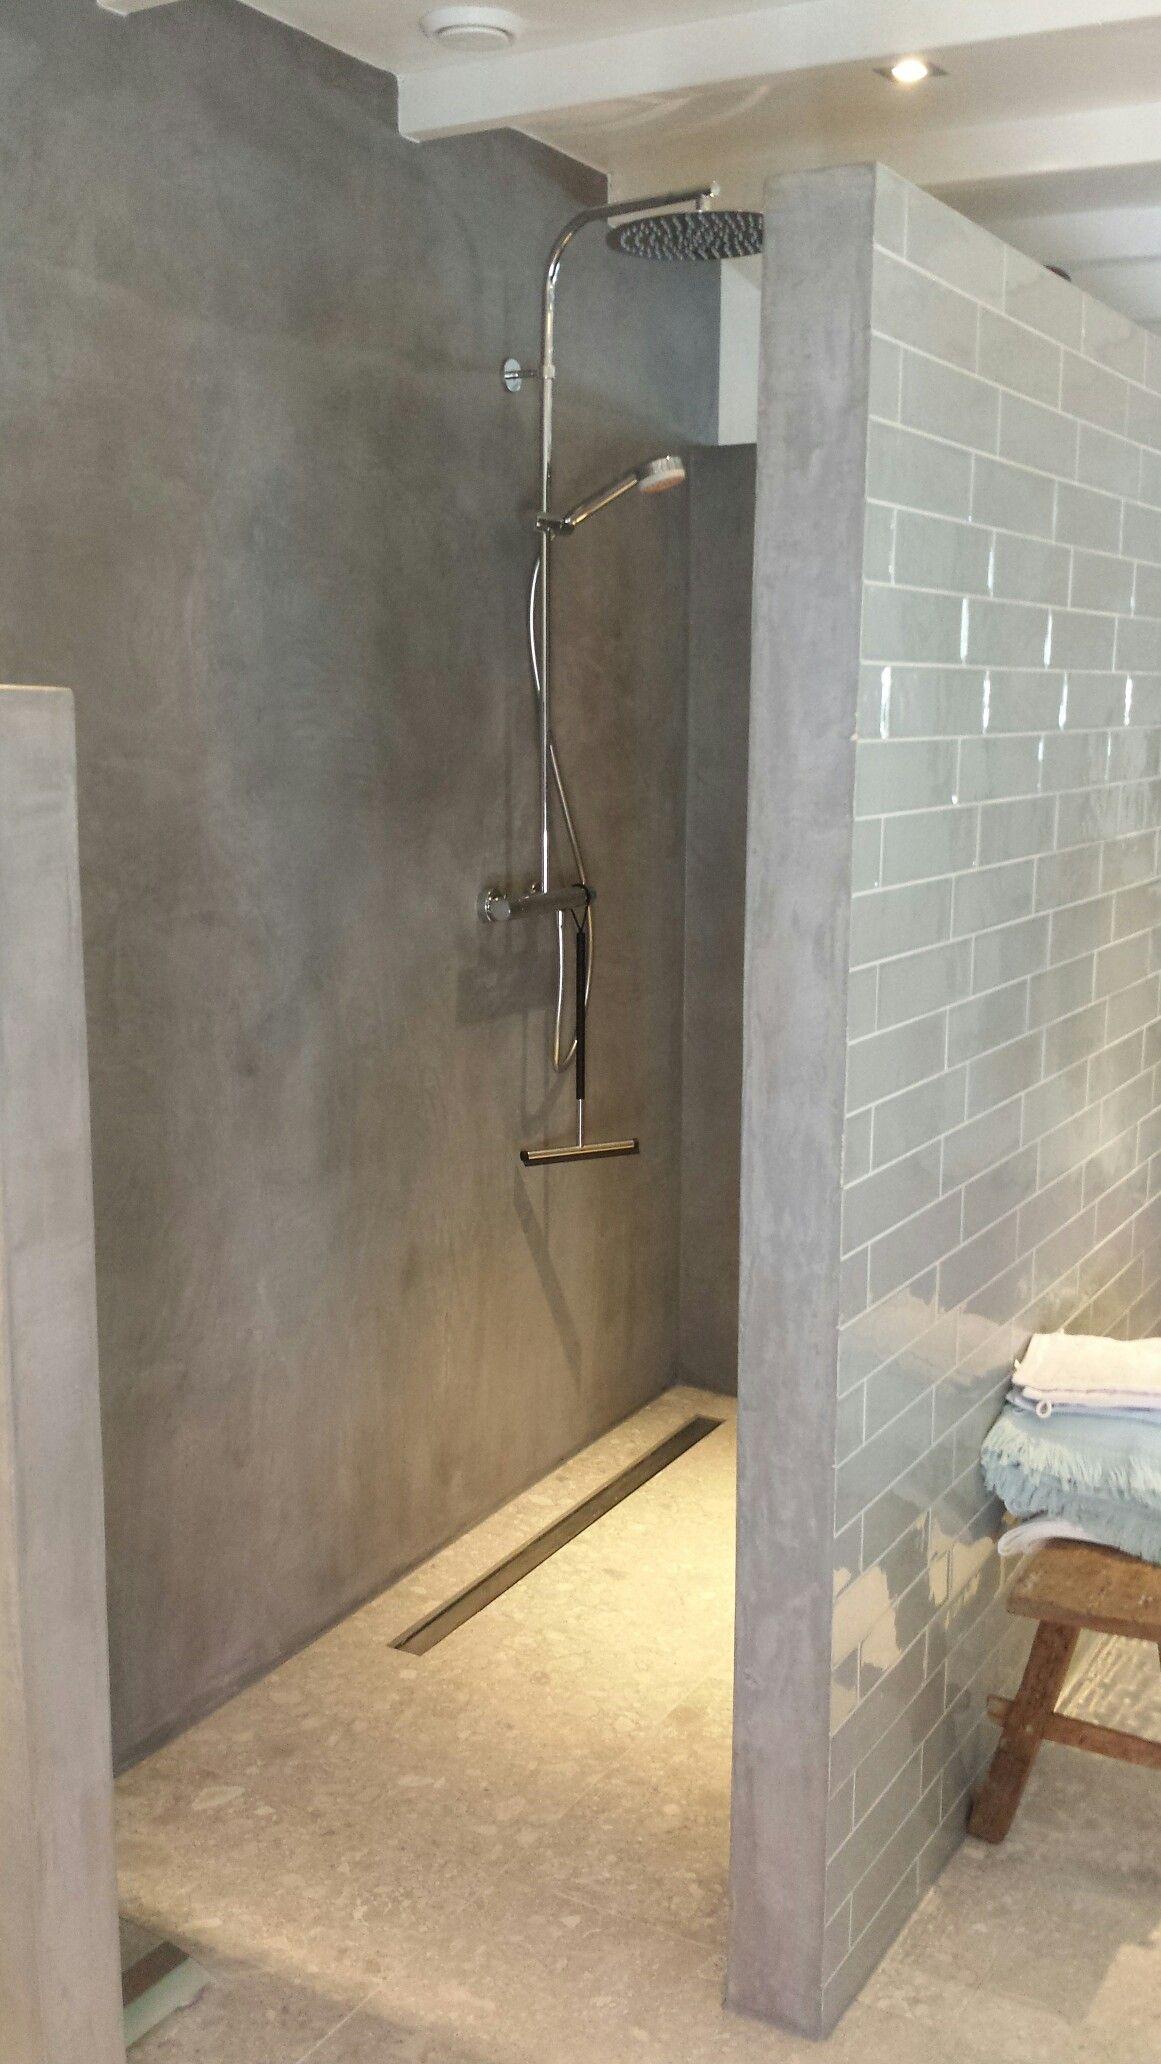 Badkamer met vt wonen tegels en beton cire | Huisje | Pinterest ...